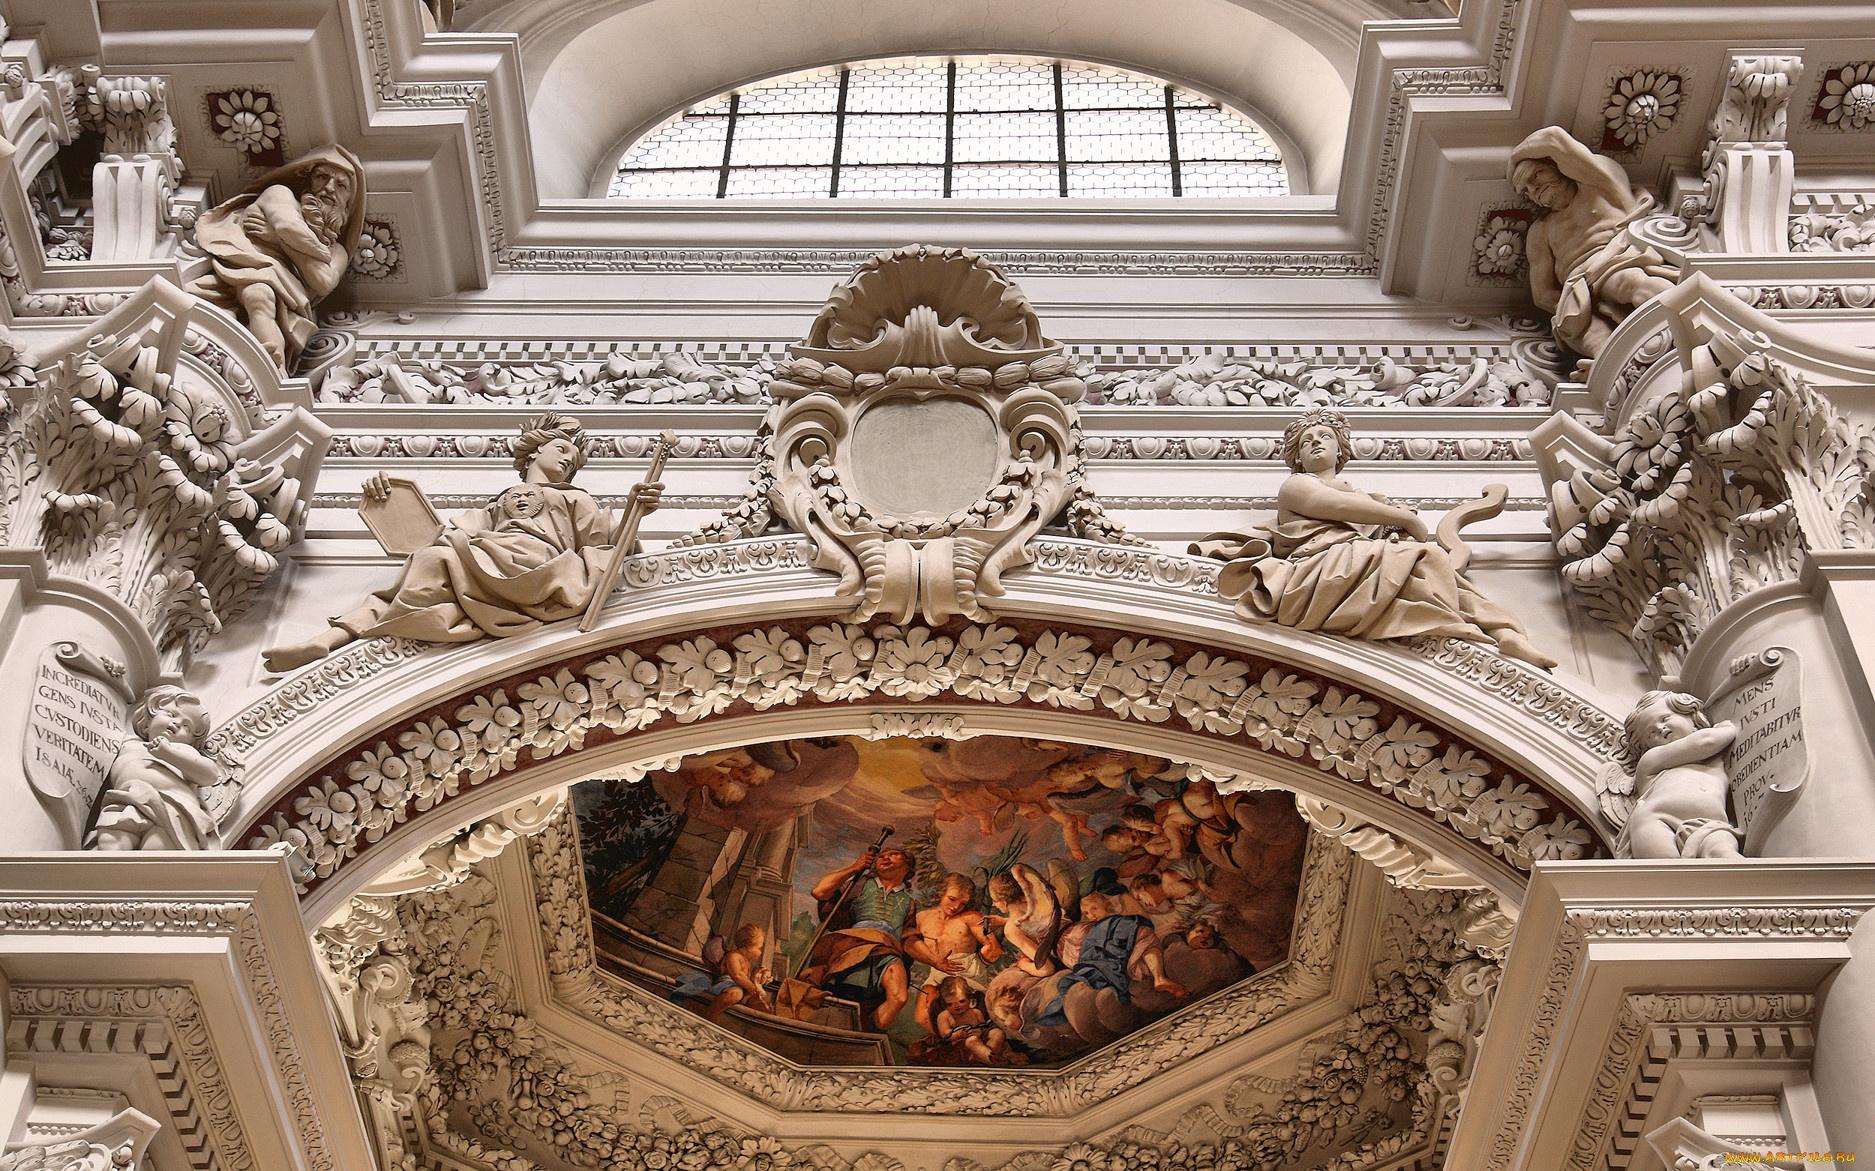 римлян картинки для рабочего стола скульптуры бывают случаи, когда